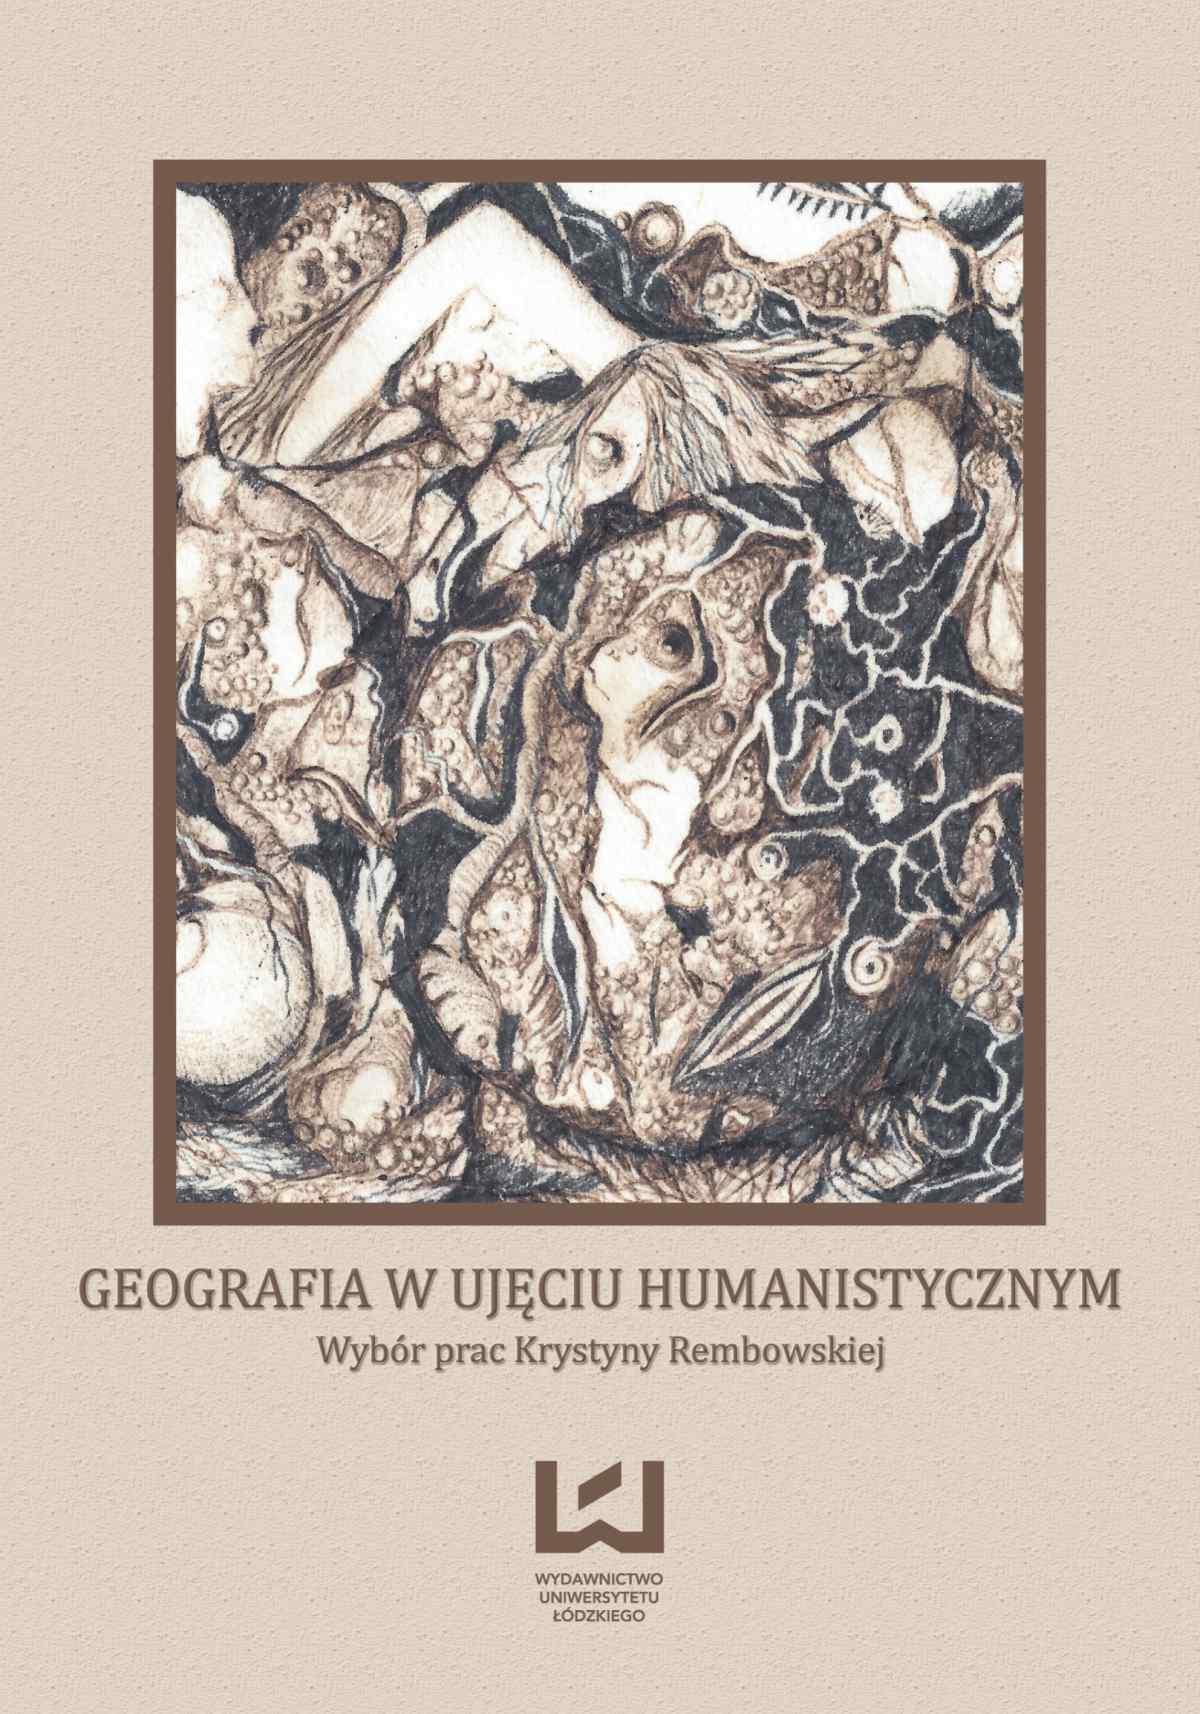 Geografia w ujęciu humanistycznym. Wybór prac Krystyny Rembowskiej - Ebook (Książka PDF) do pobrania w formacie PDF